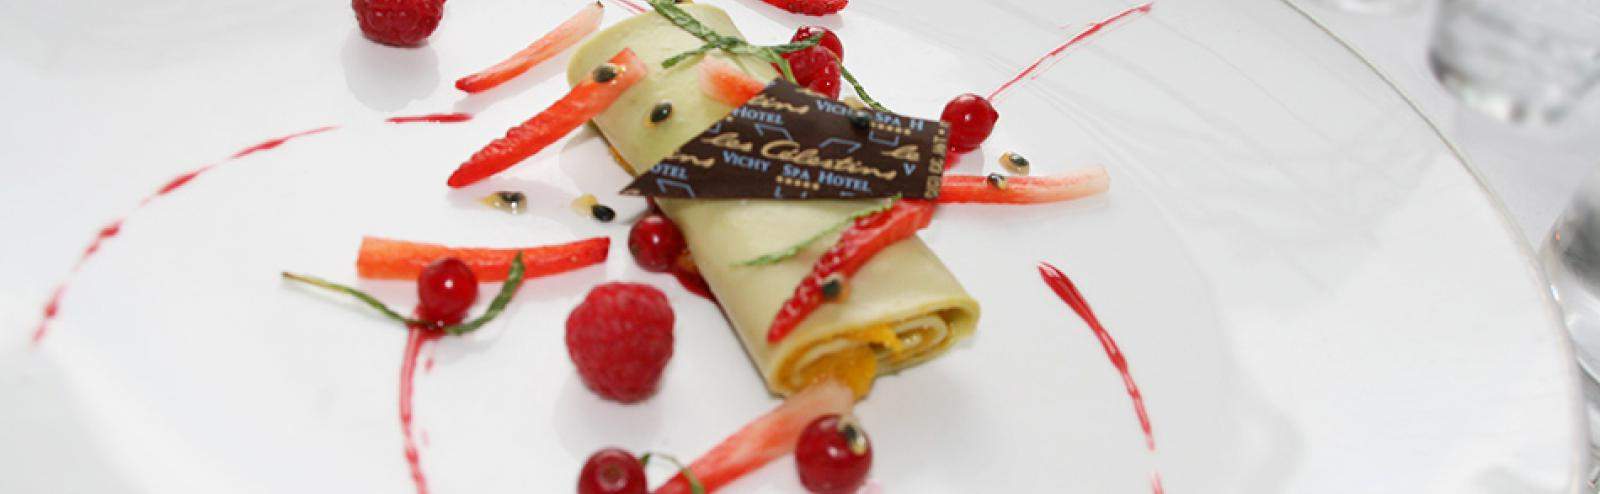 Recette Chef cuisinier Hôtel Les Célestins 5* : roulé  de mangue au thé matcha